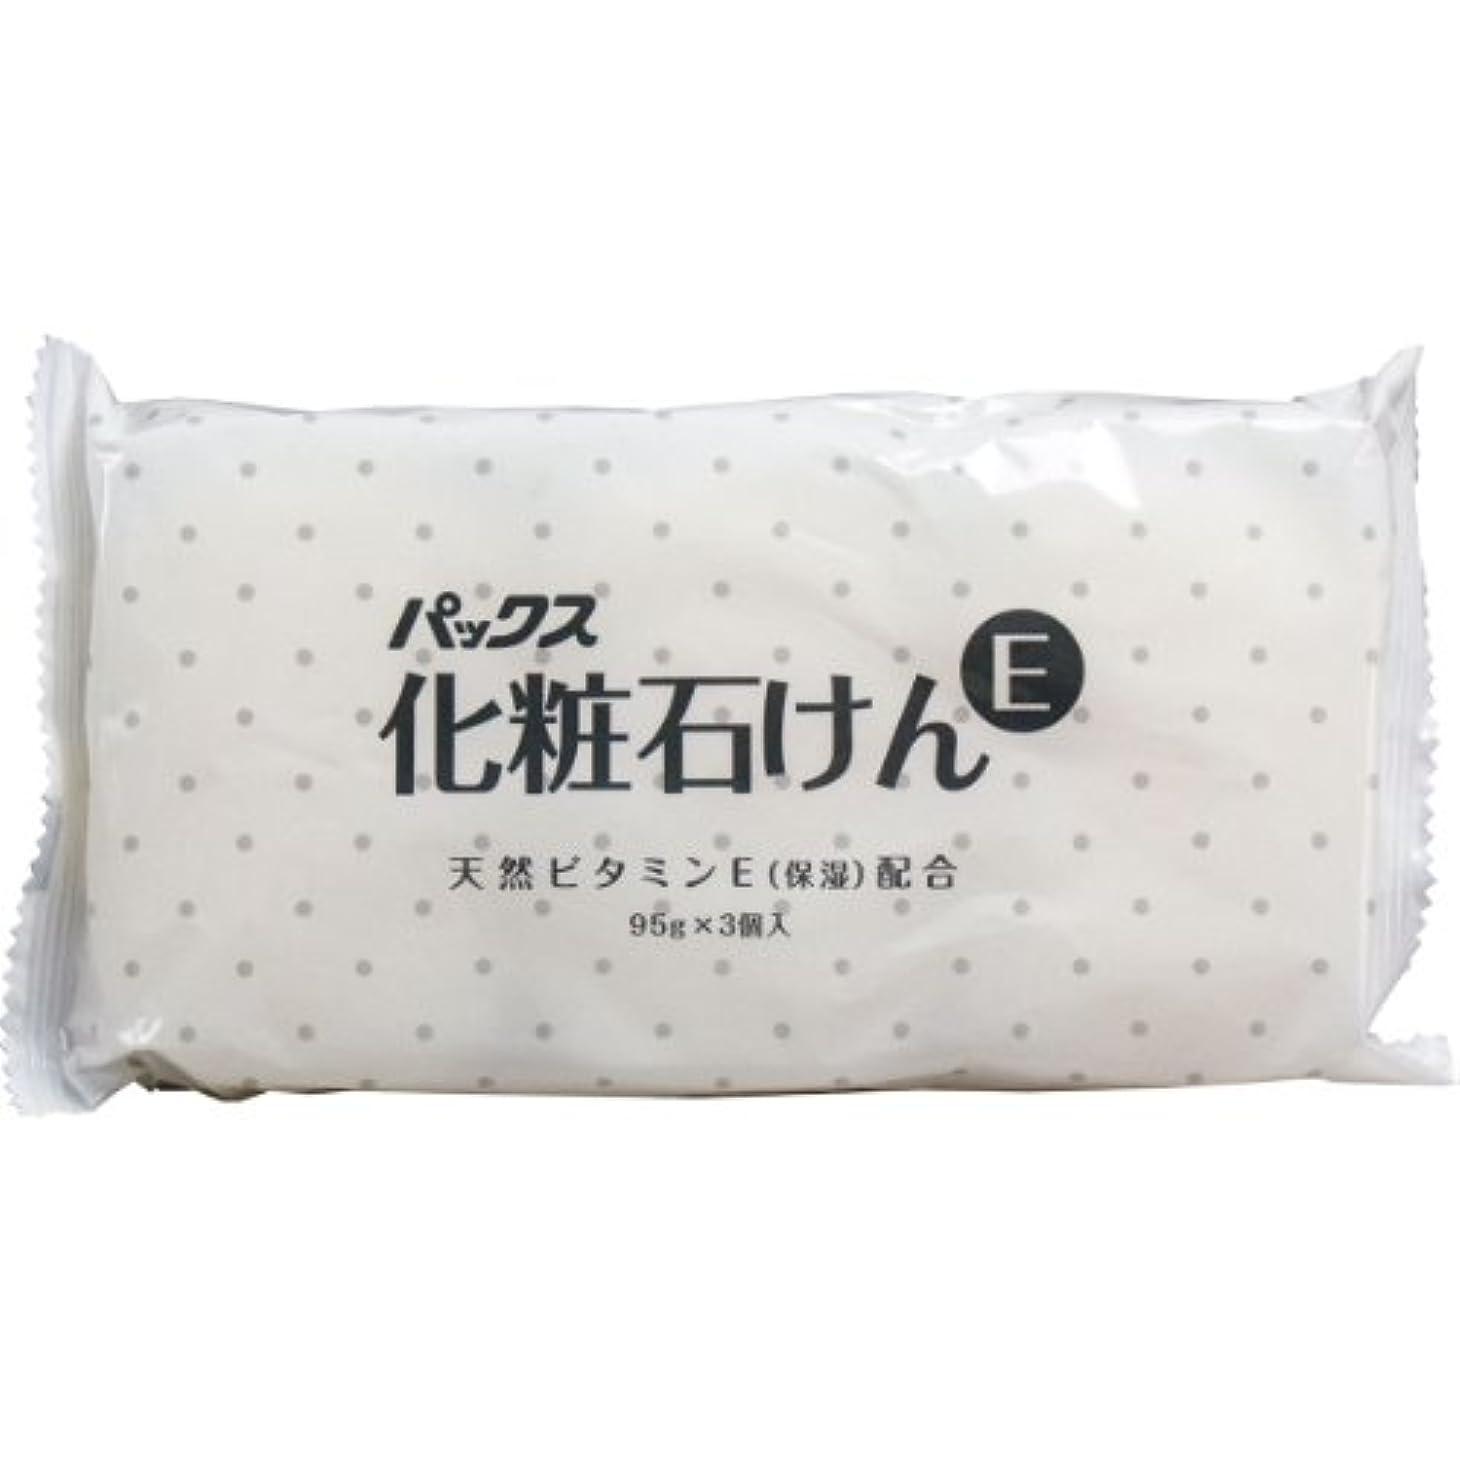 控えめな容器カフェパックス 化粧石けん (95G X3個入り)【6個パック】